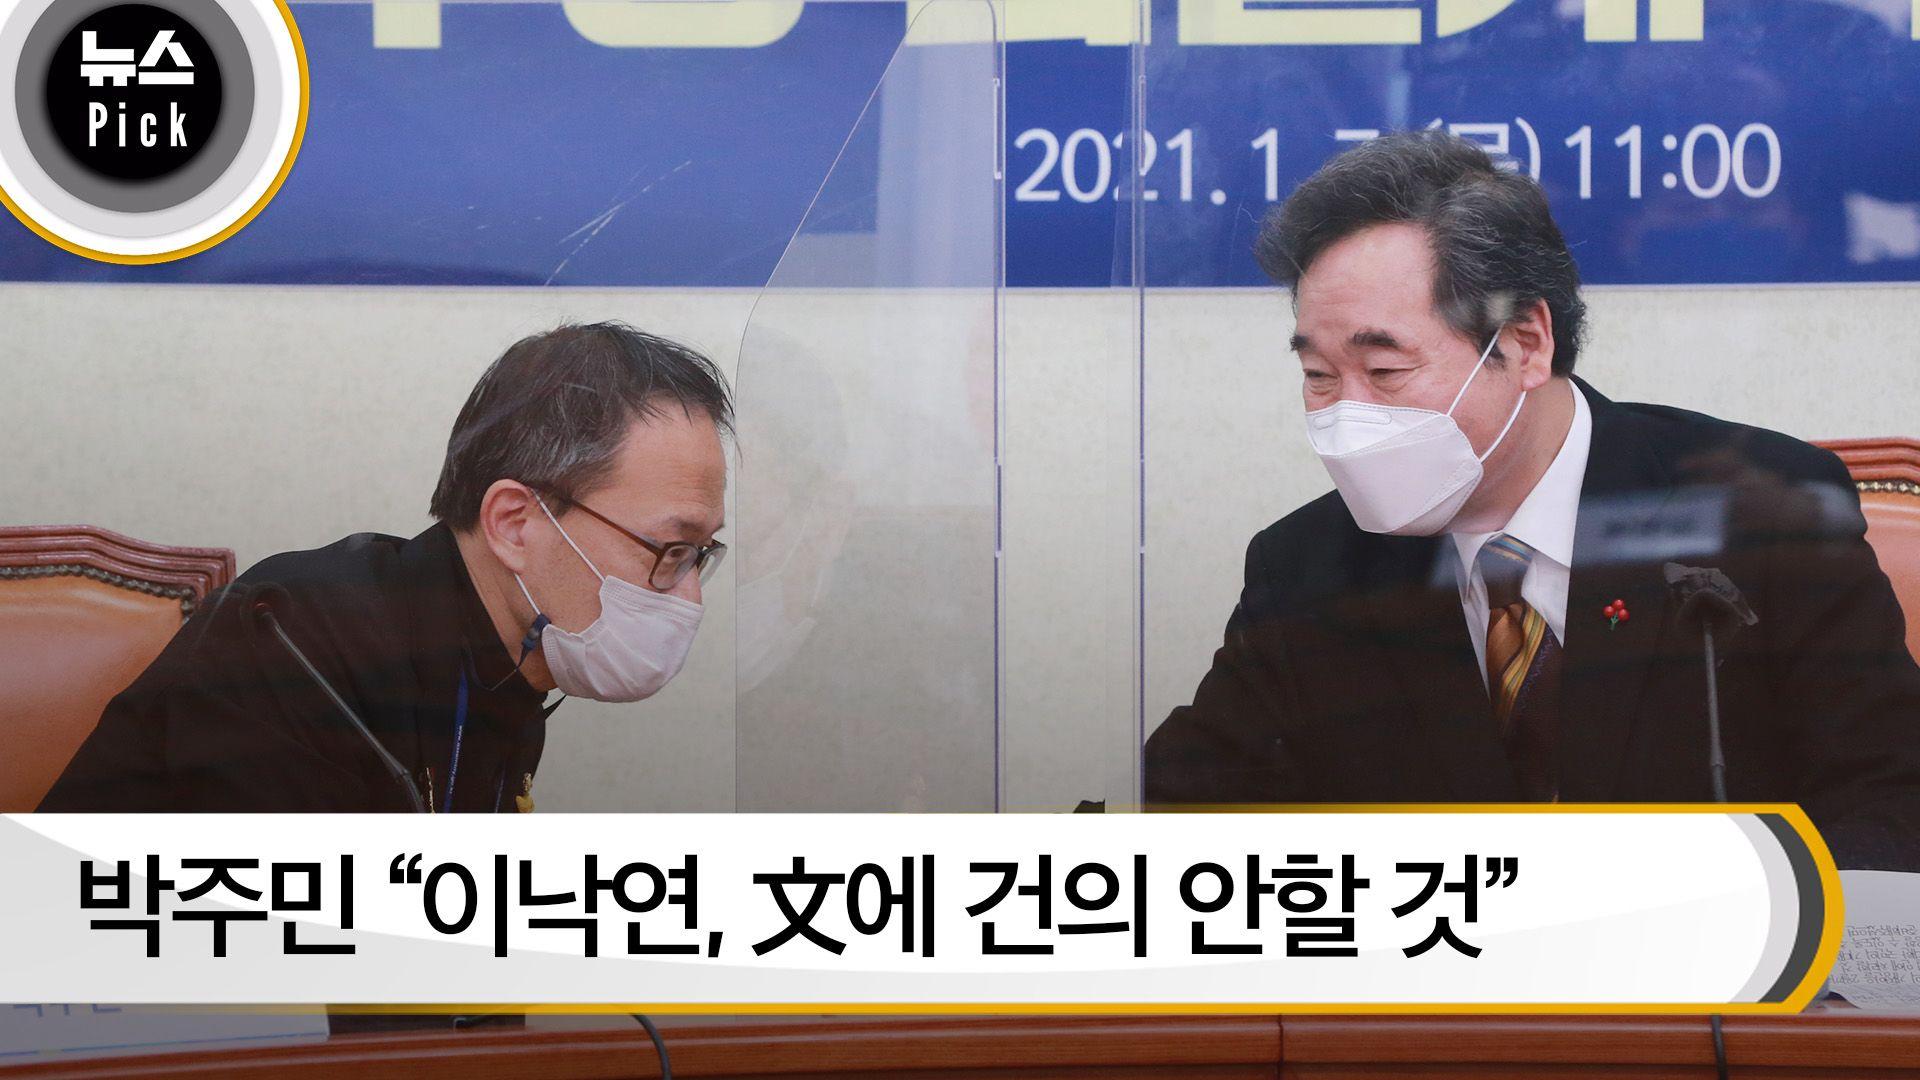 """[뉴스픽] 박주민 """"이낙연, 문 대통령에 건의 안할 것"""""""